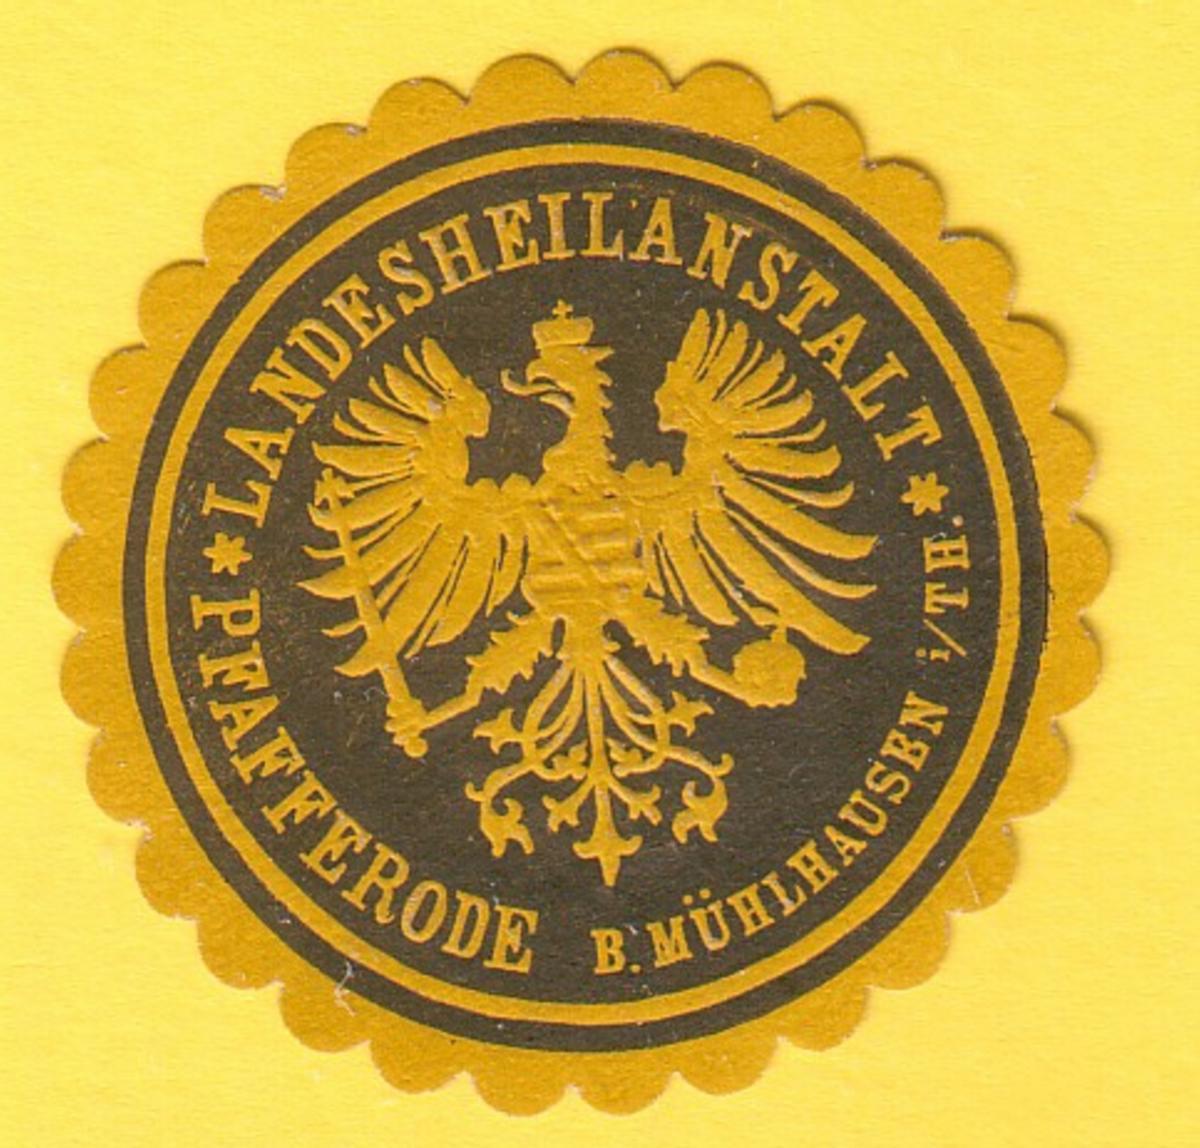 Siegelmarke Landesheilanstalt Pfafferode b. Mühlhausen i/Th.